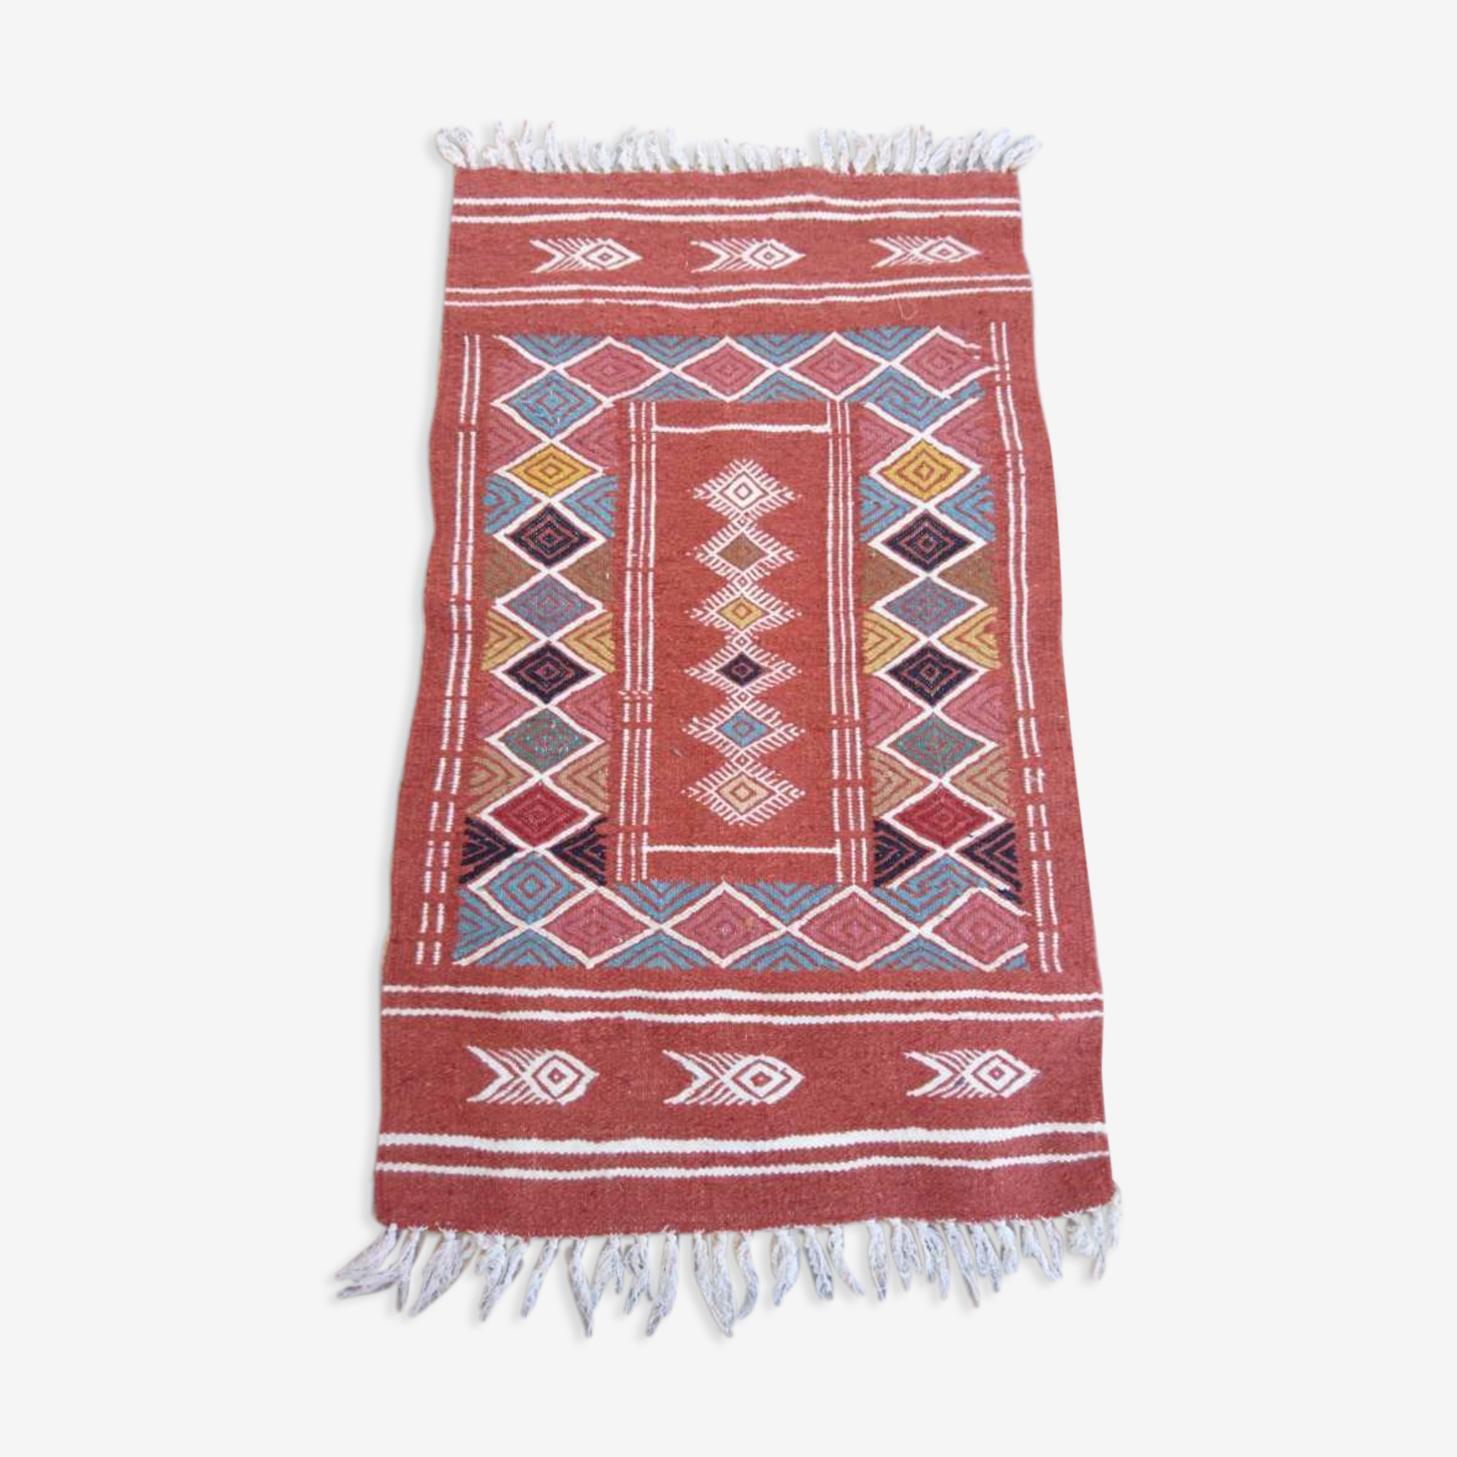 Handmade berber kilim rug 60x100cm